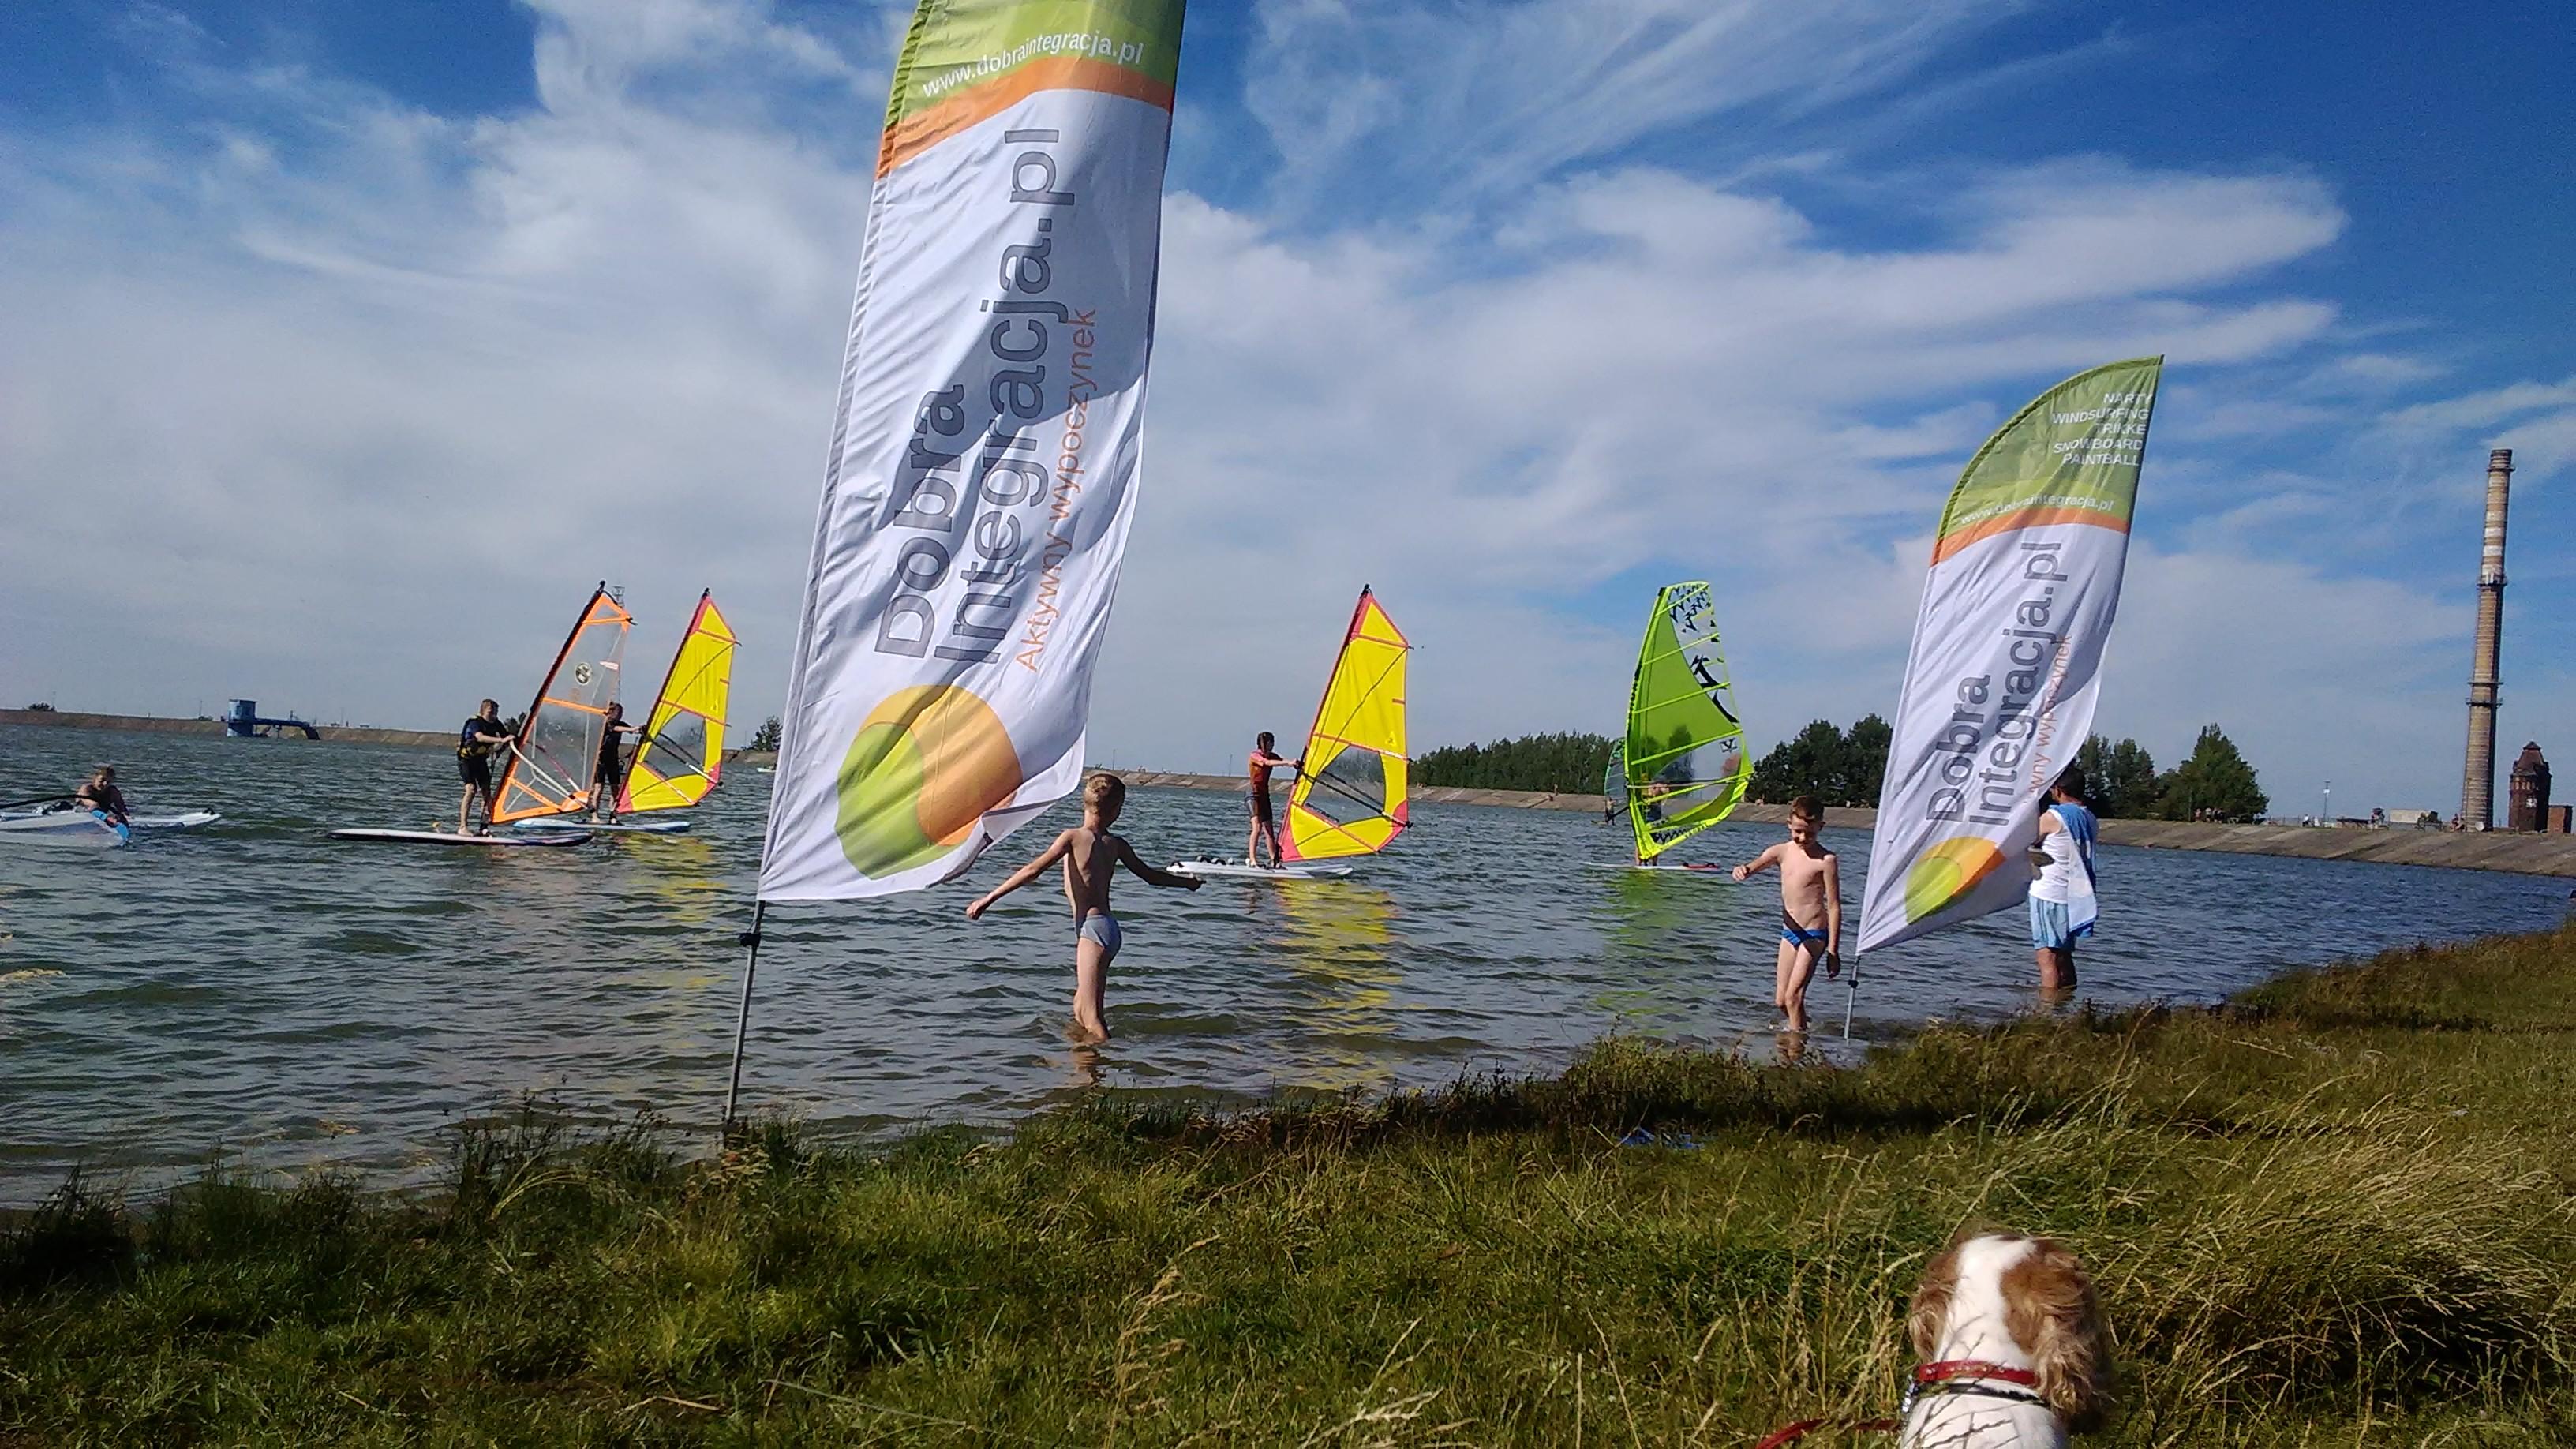 Szkoła Windsurfing www.dobraintegracja.pl Jezioro Bielawskie sezon 2018 (105)